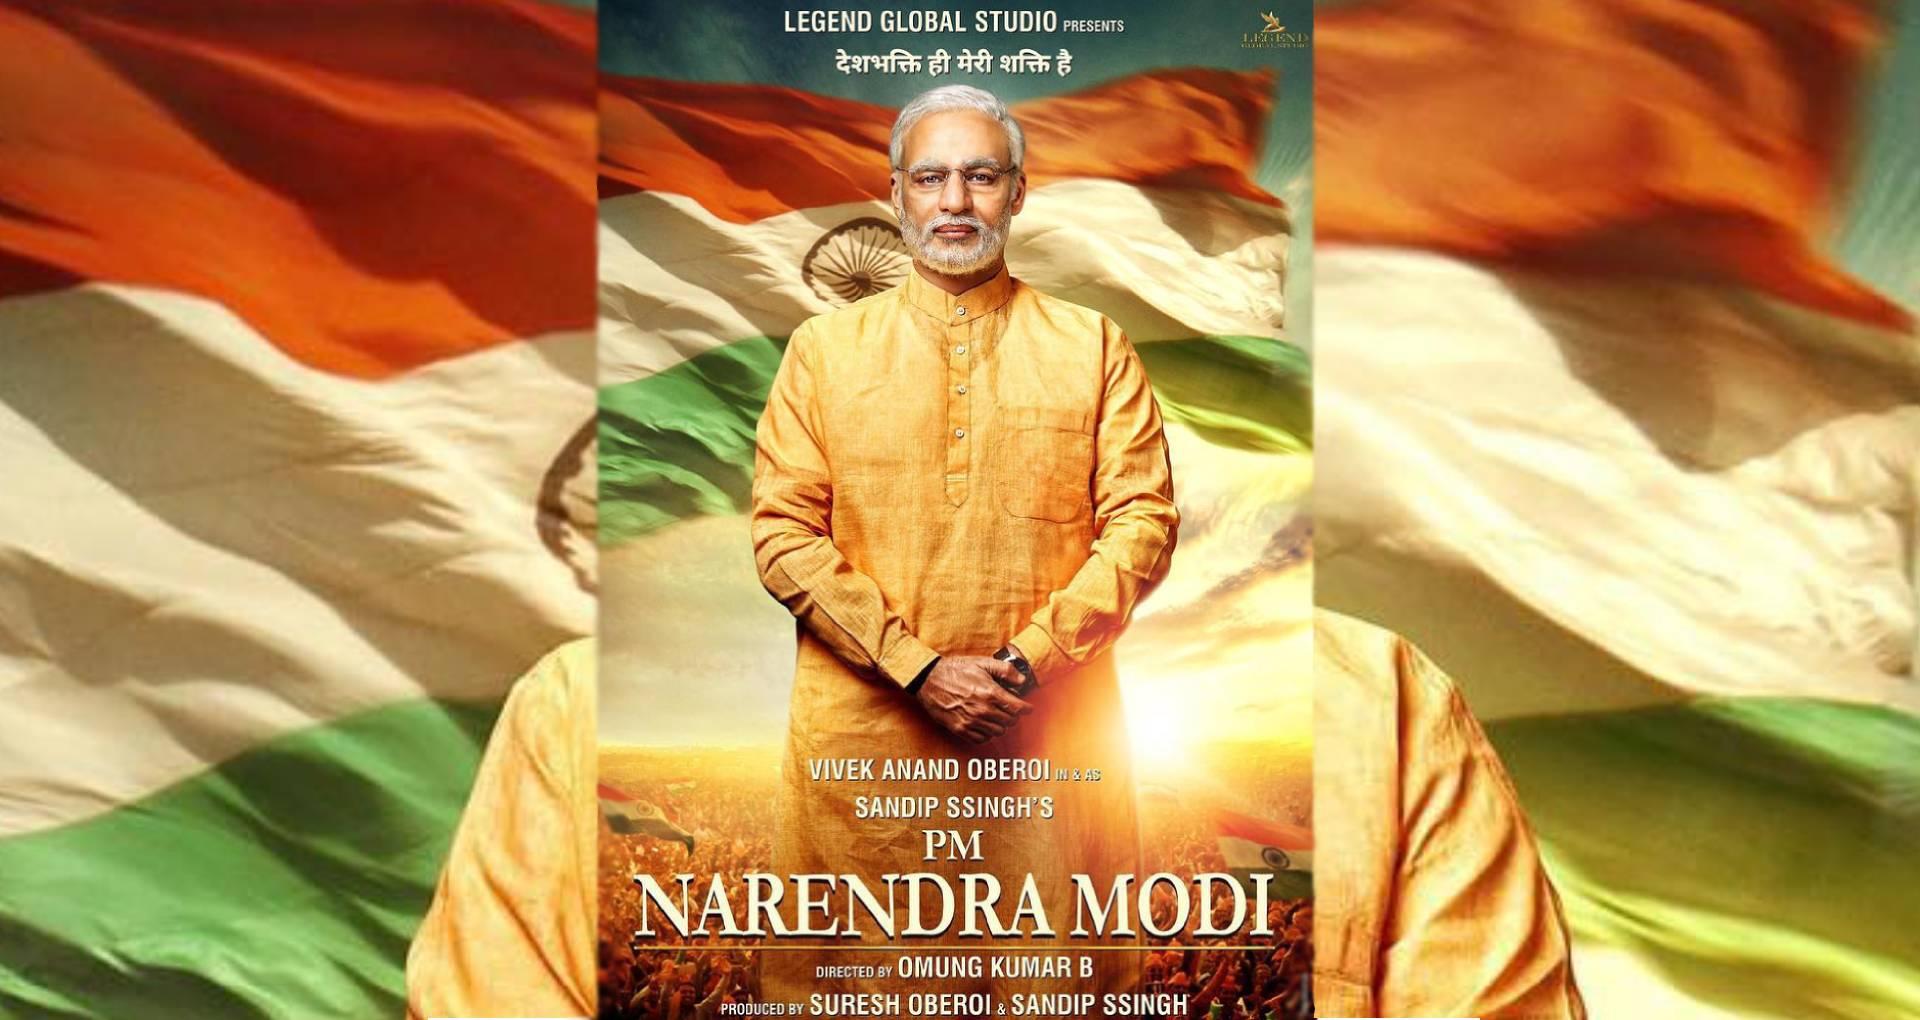 पीएम नरेंद्र मोदी की बायोपिक इस दिन होगी रिलीज, लोकसभा चुनाव के दौरान पर्दे पर दिखेगा प्रधानमंत्री का संघर्ष